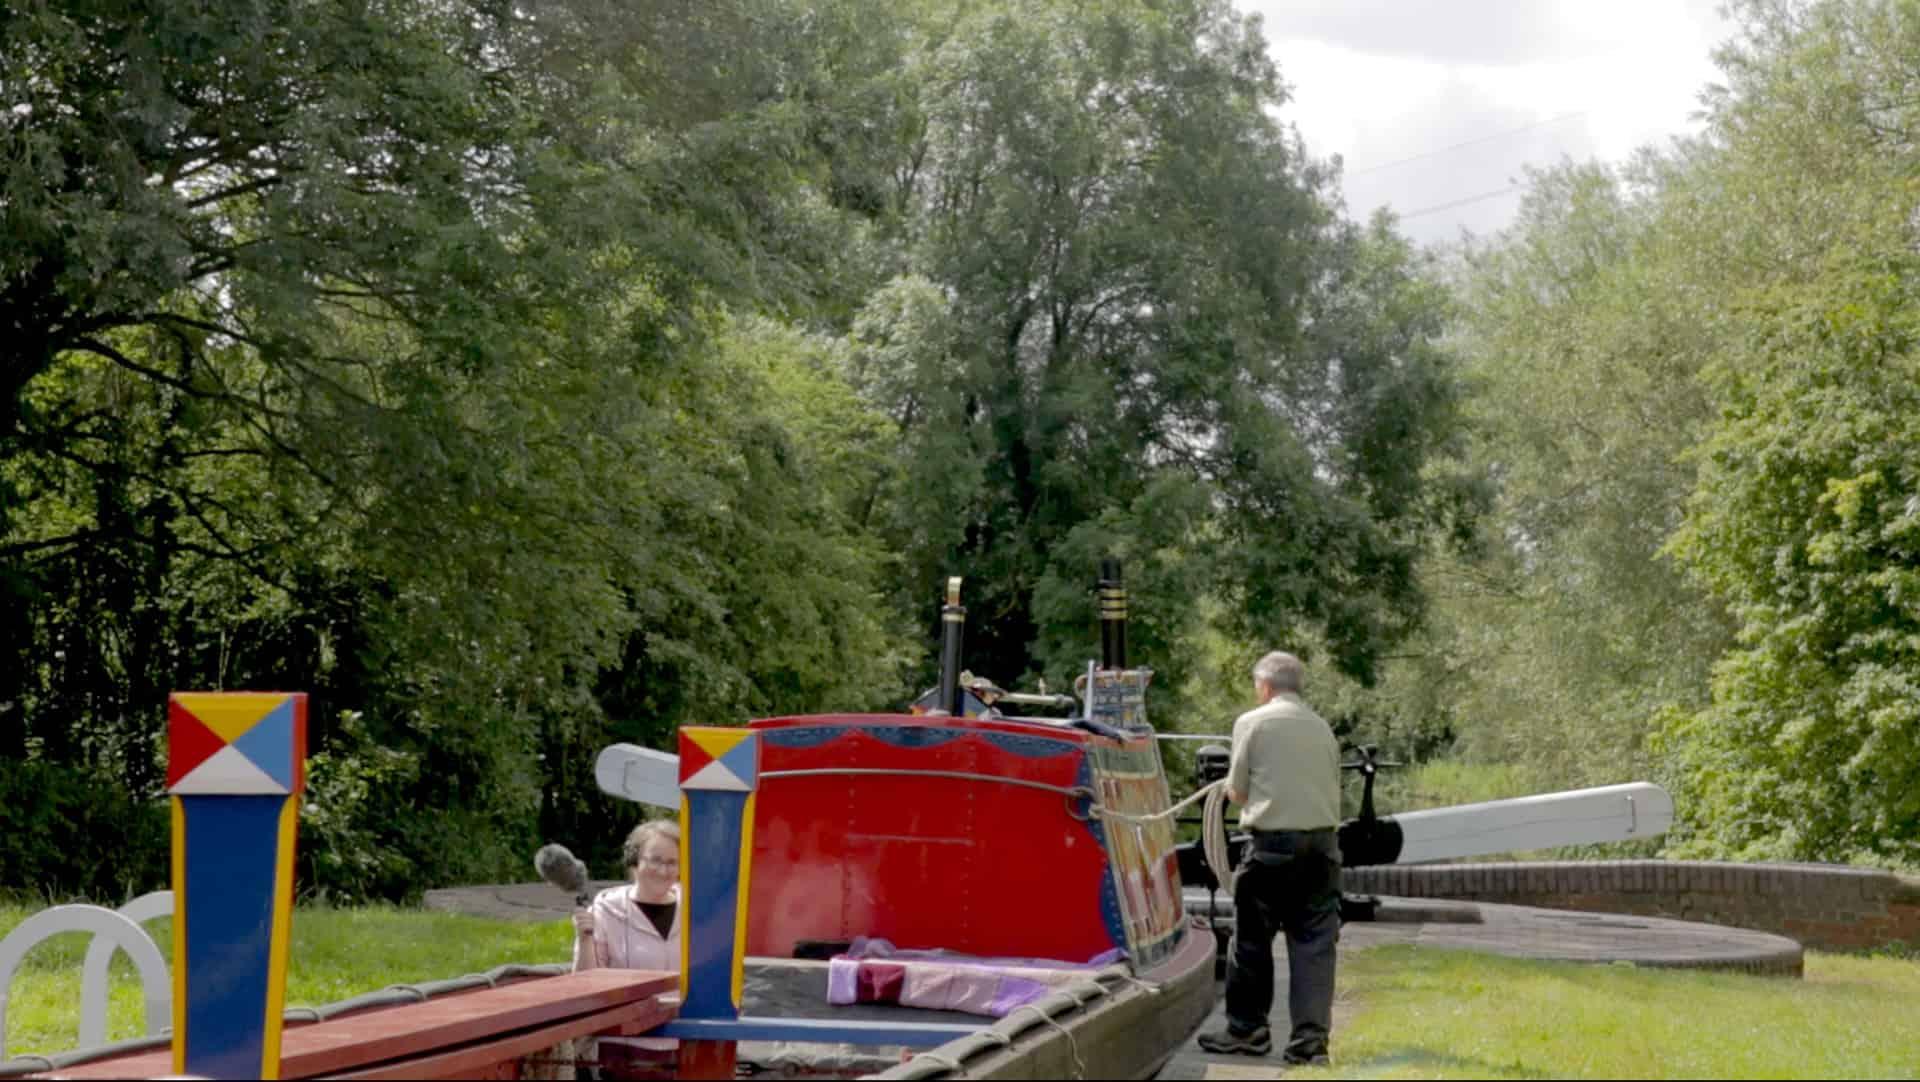 Olivia James on the narrowboat